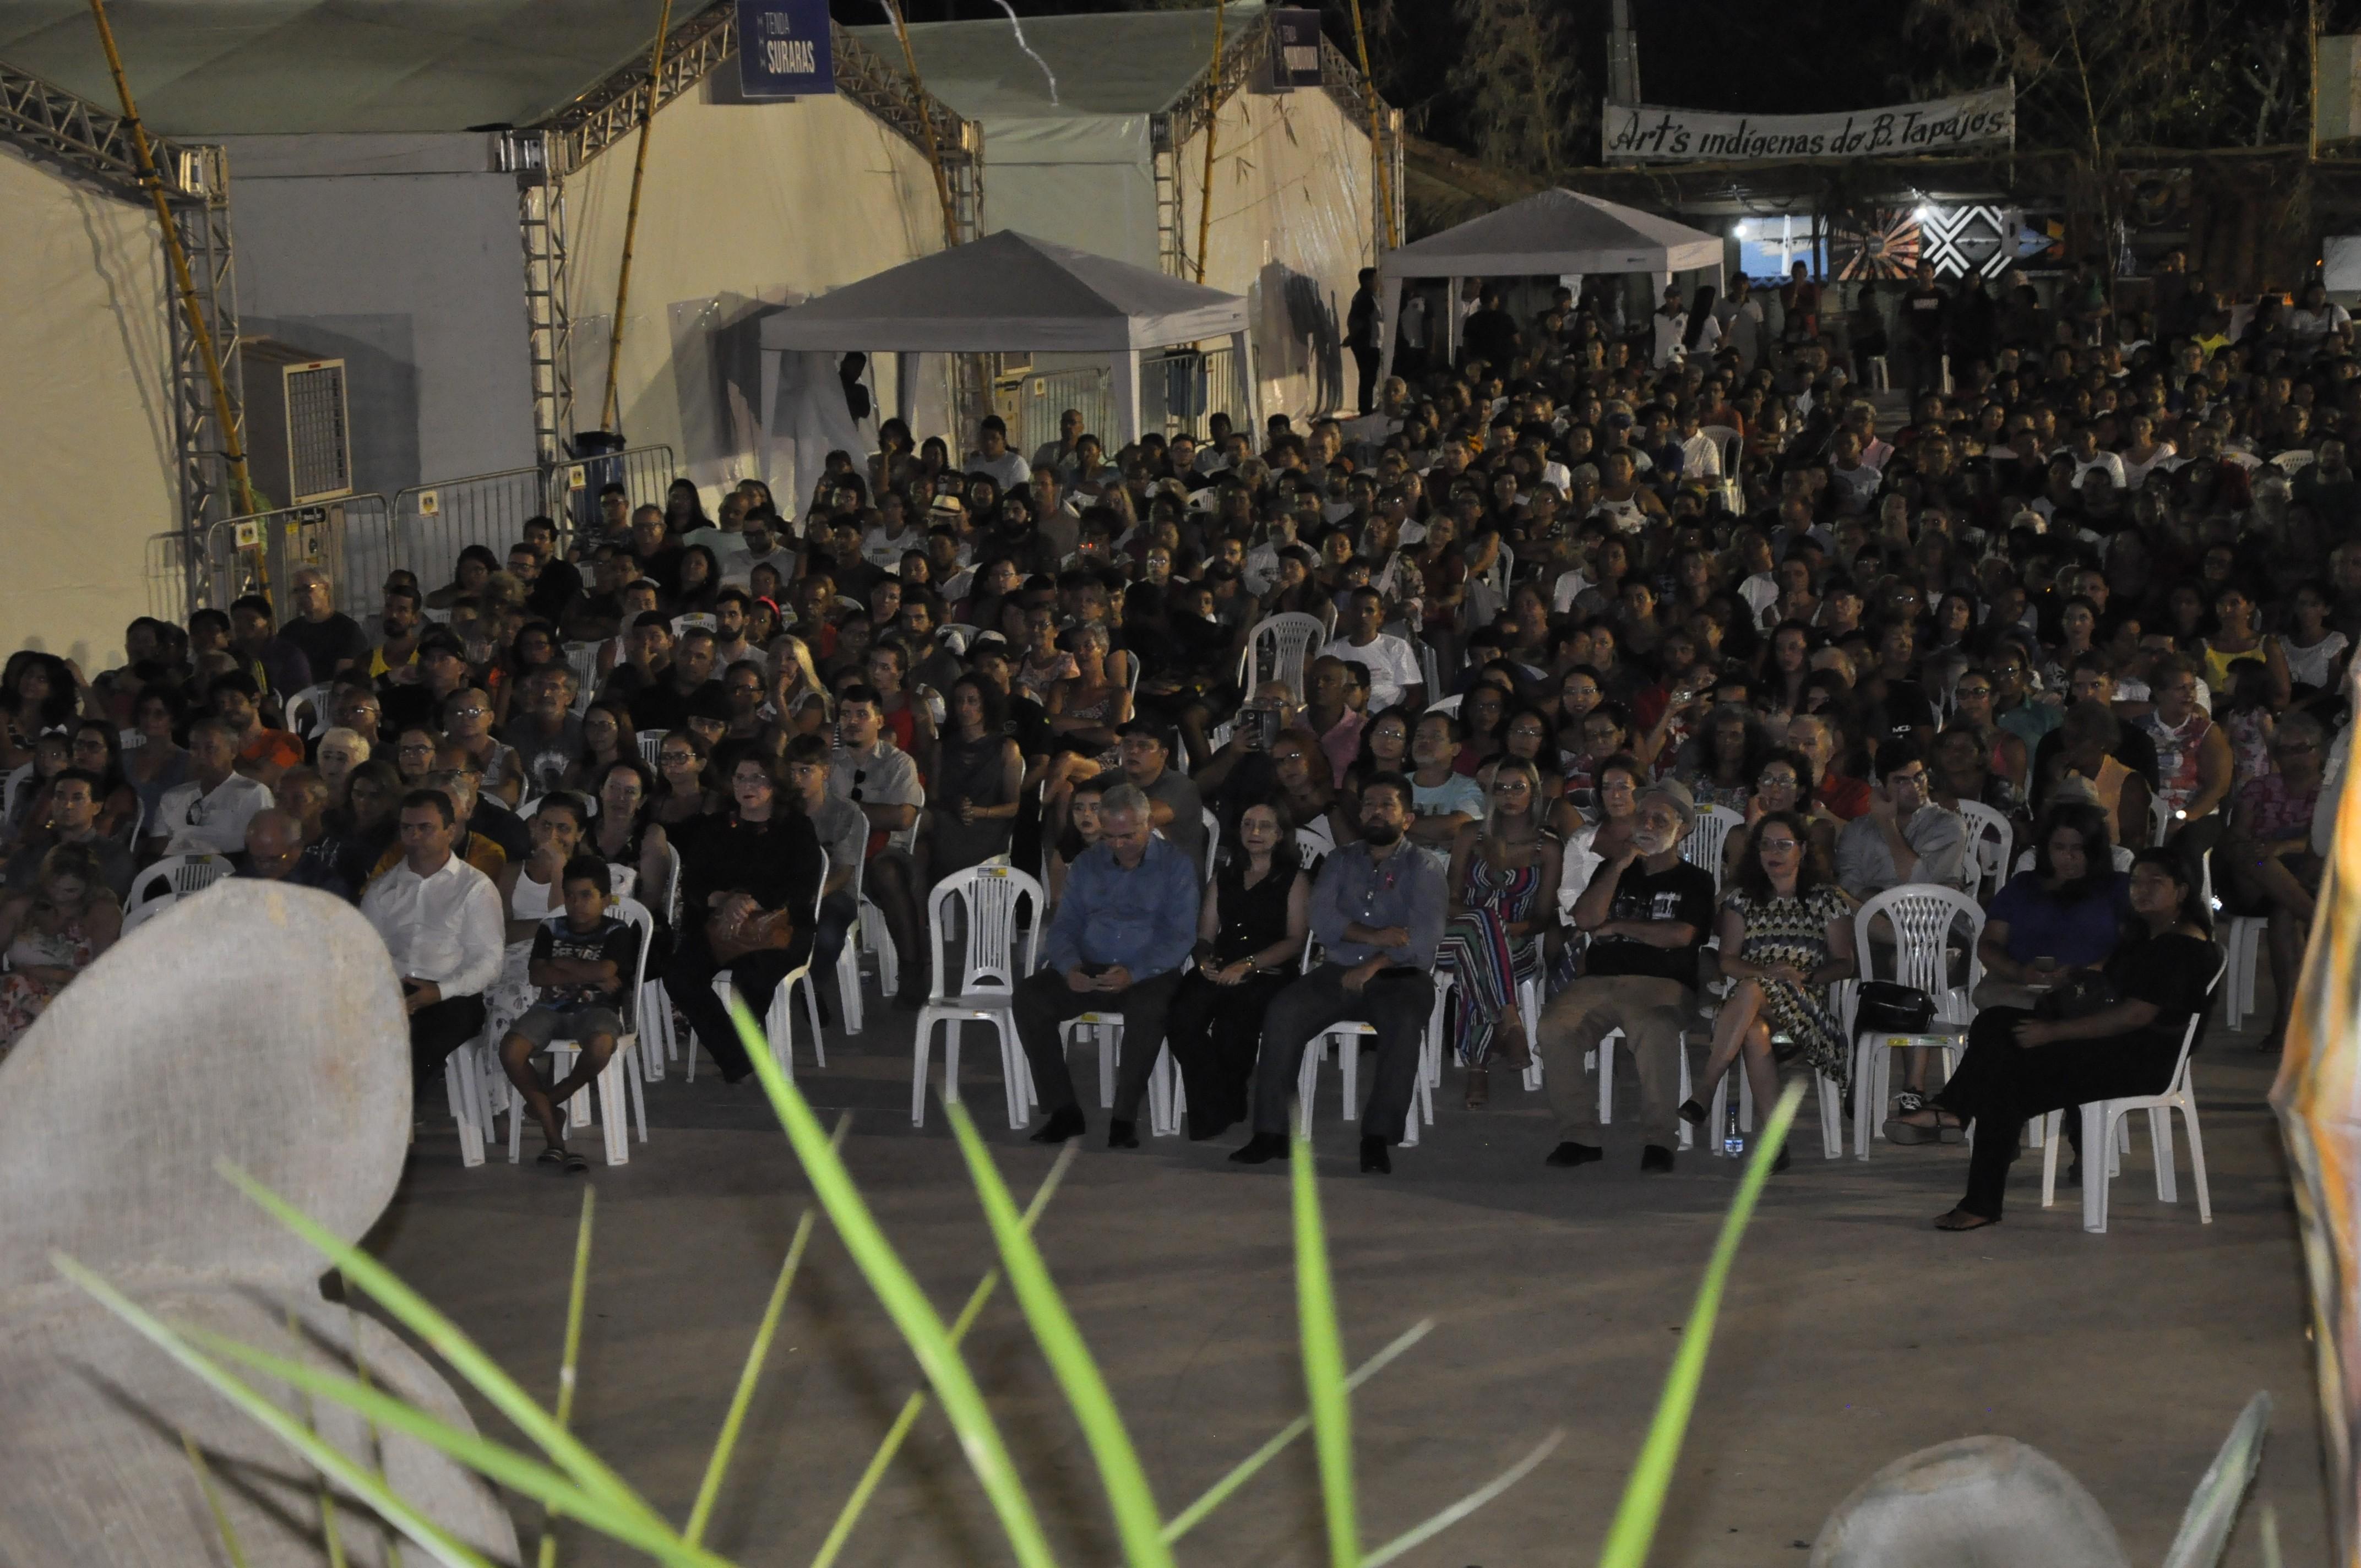 Com exibição de filme e música, Festival de Cinema de Alter do Chão inicia oficialmente - Notícias - Plantão Diário